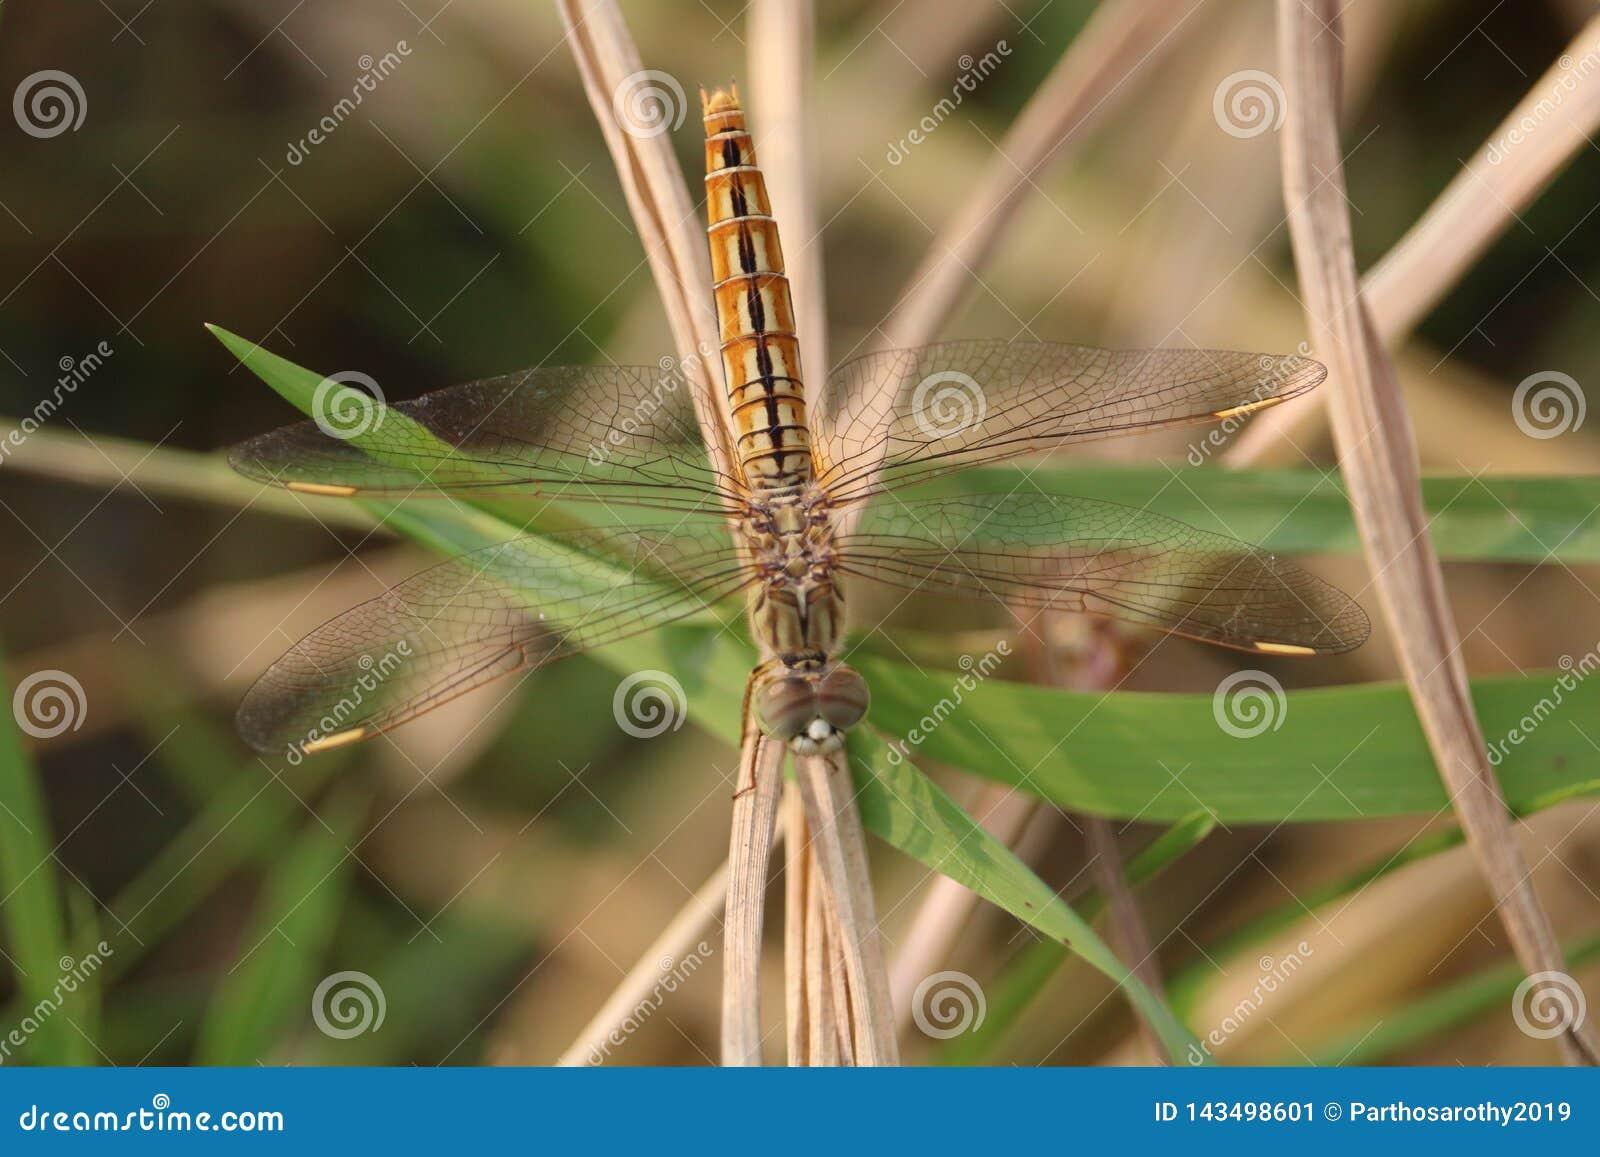 Ein Schmetterling auf Blatt des Grases